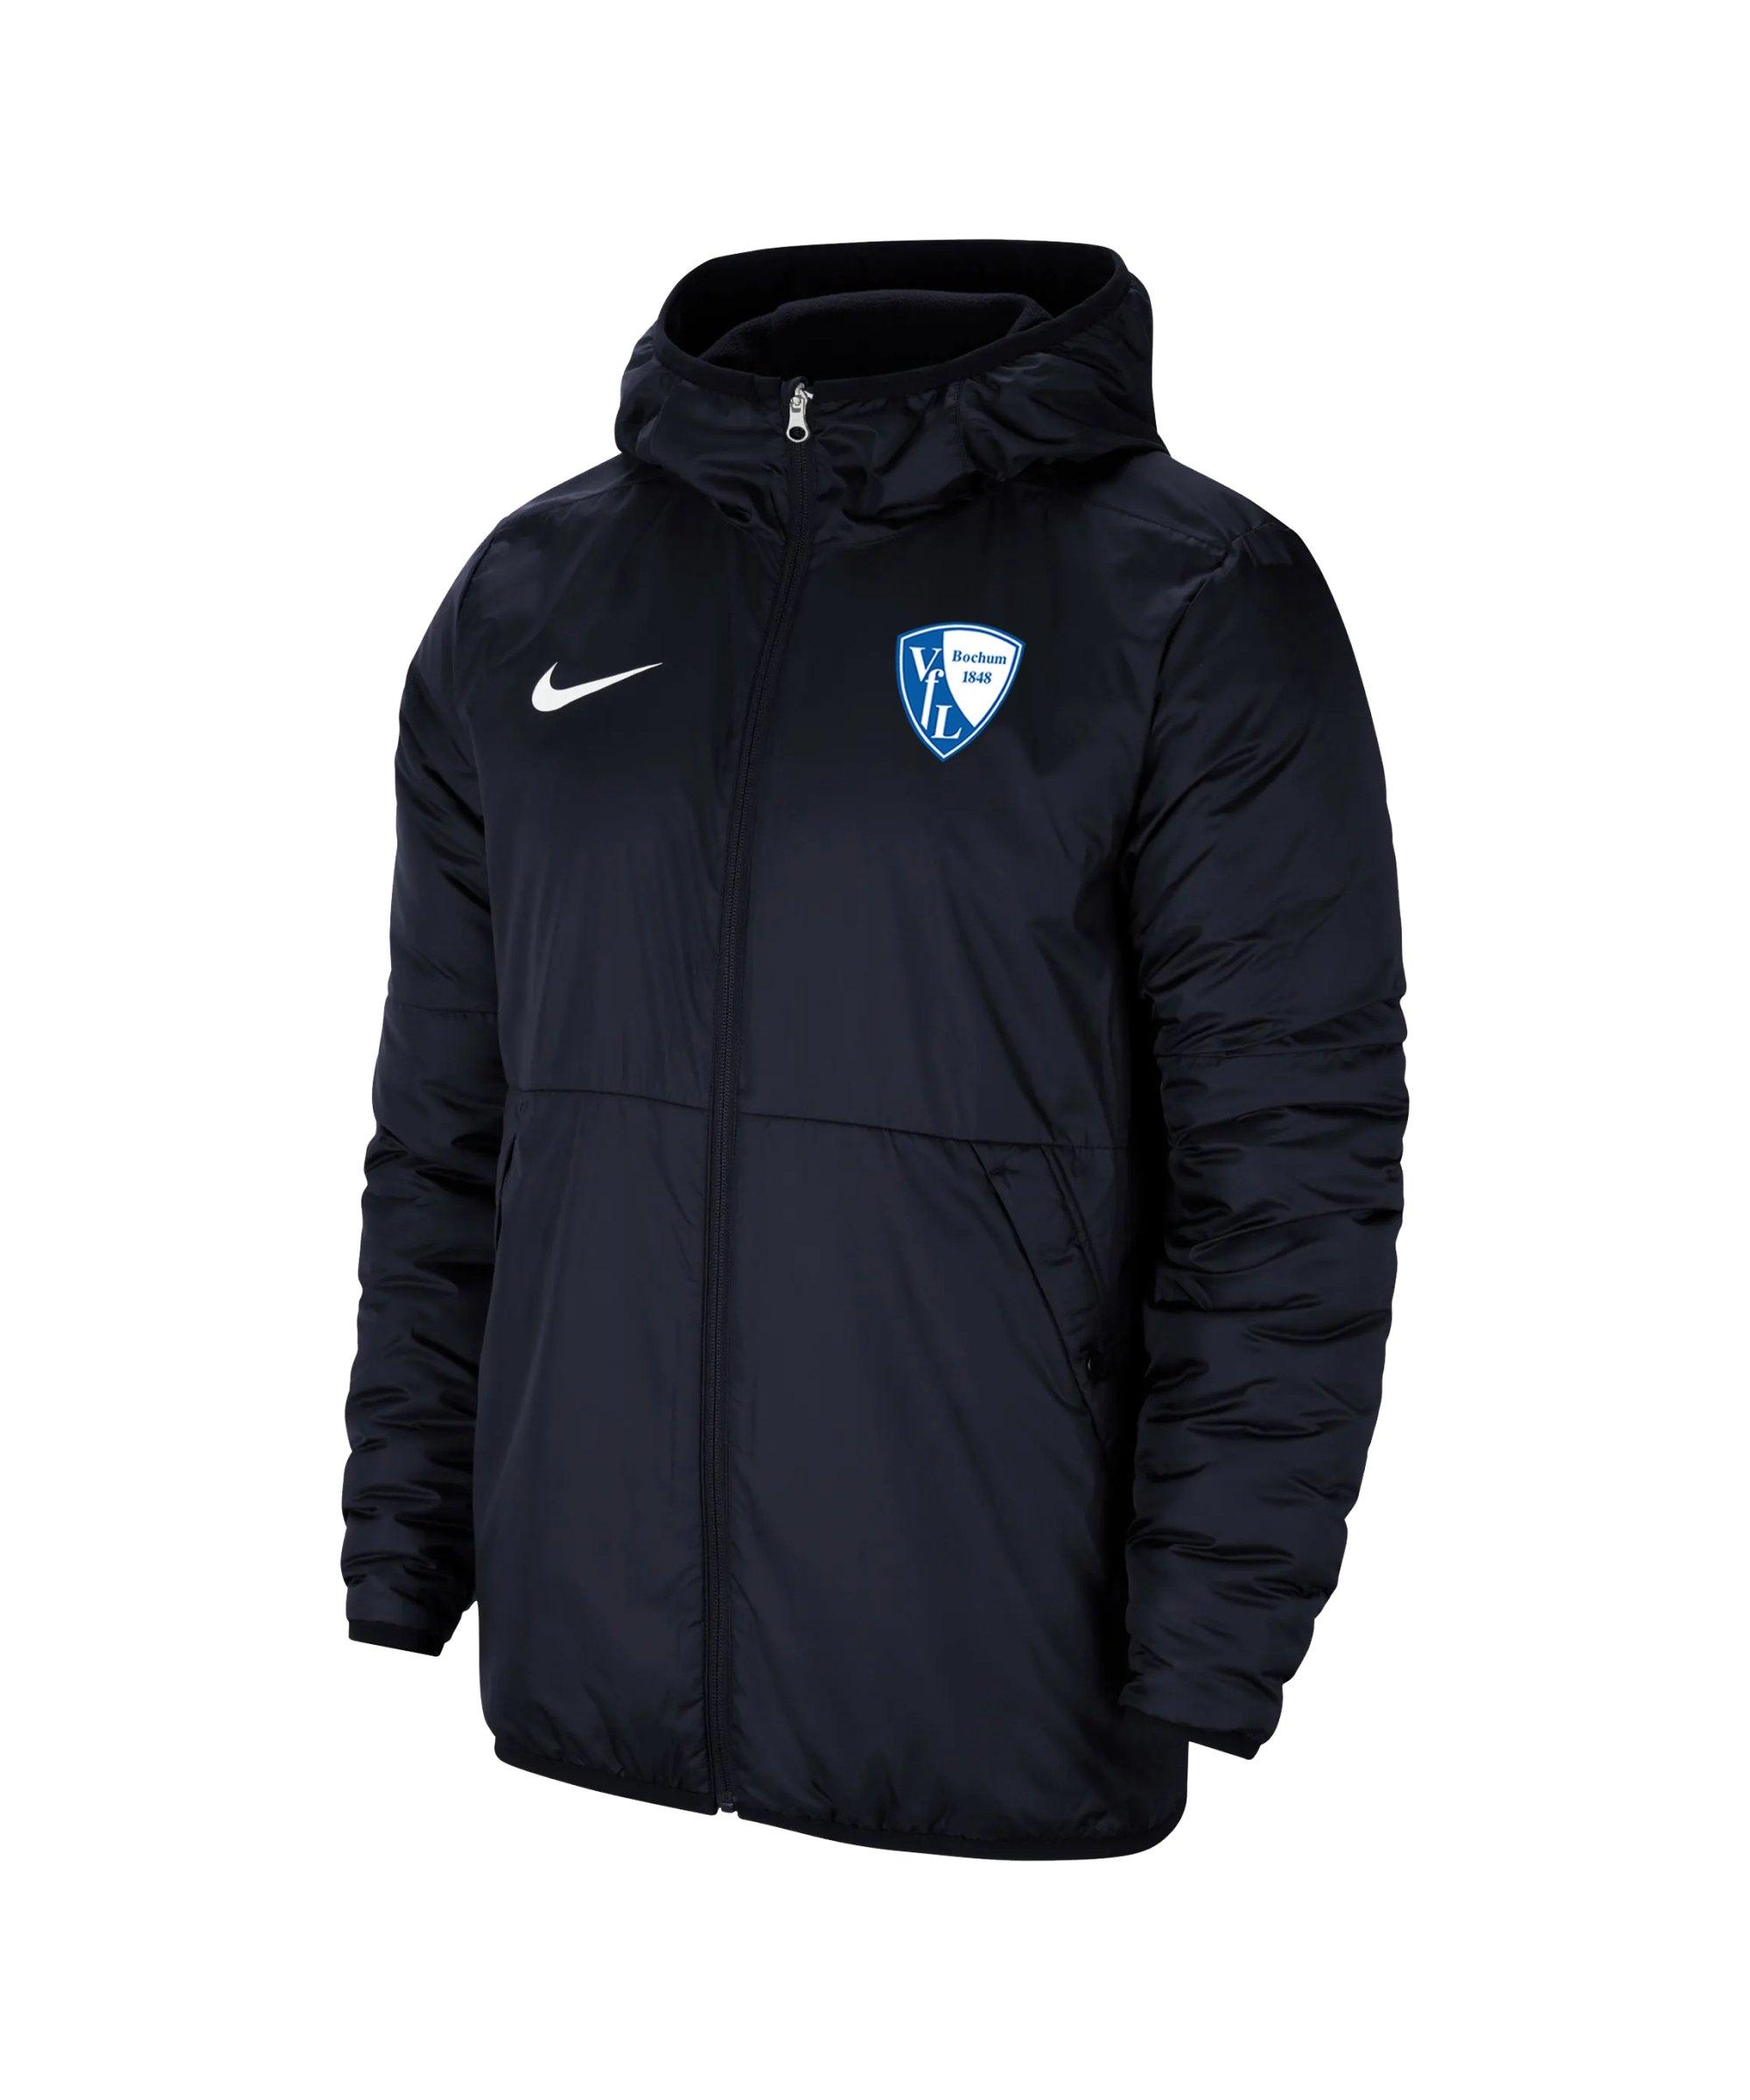 Nike VfL Bochum Übergangsjacke Blau F451 - blau